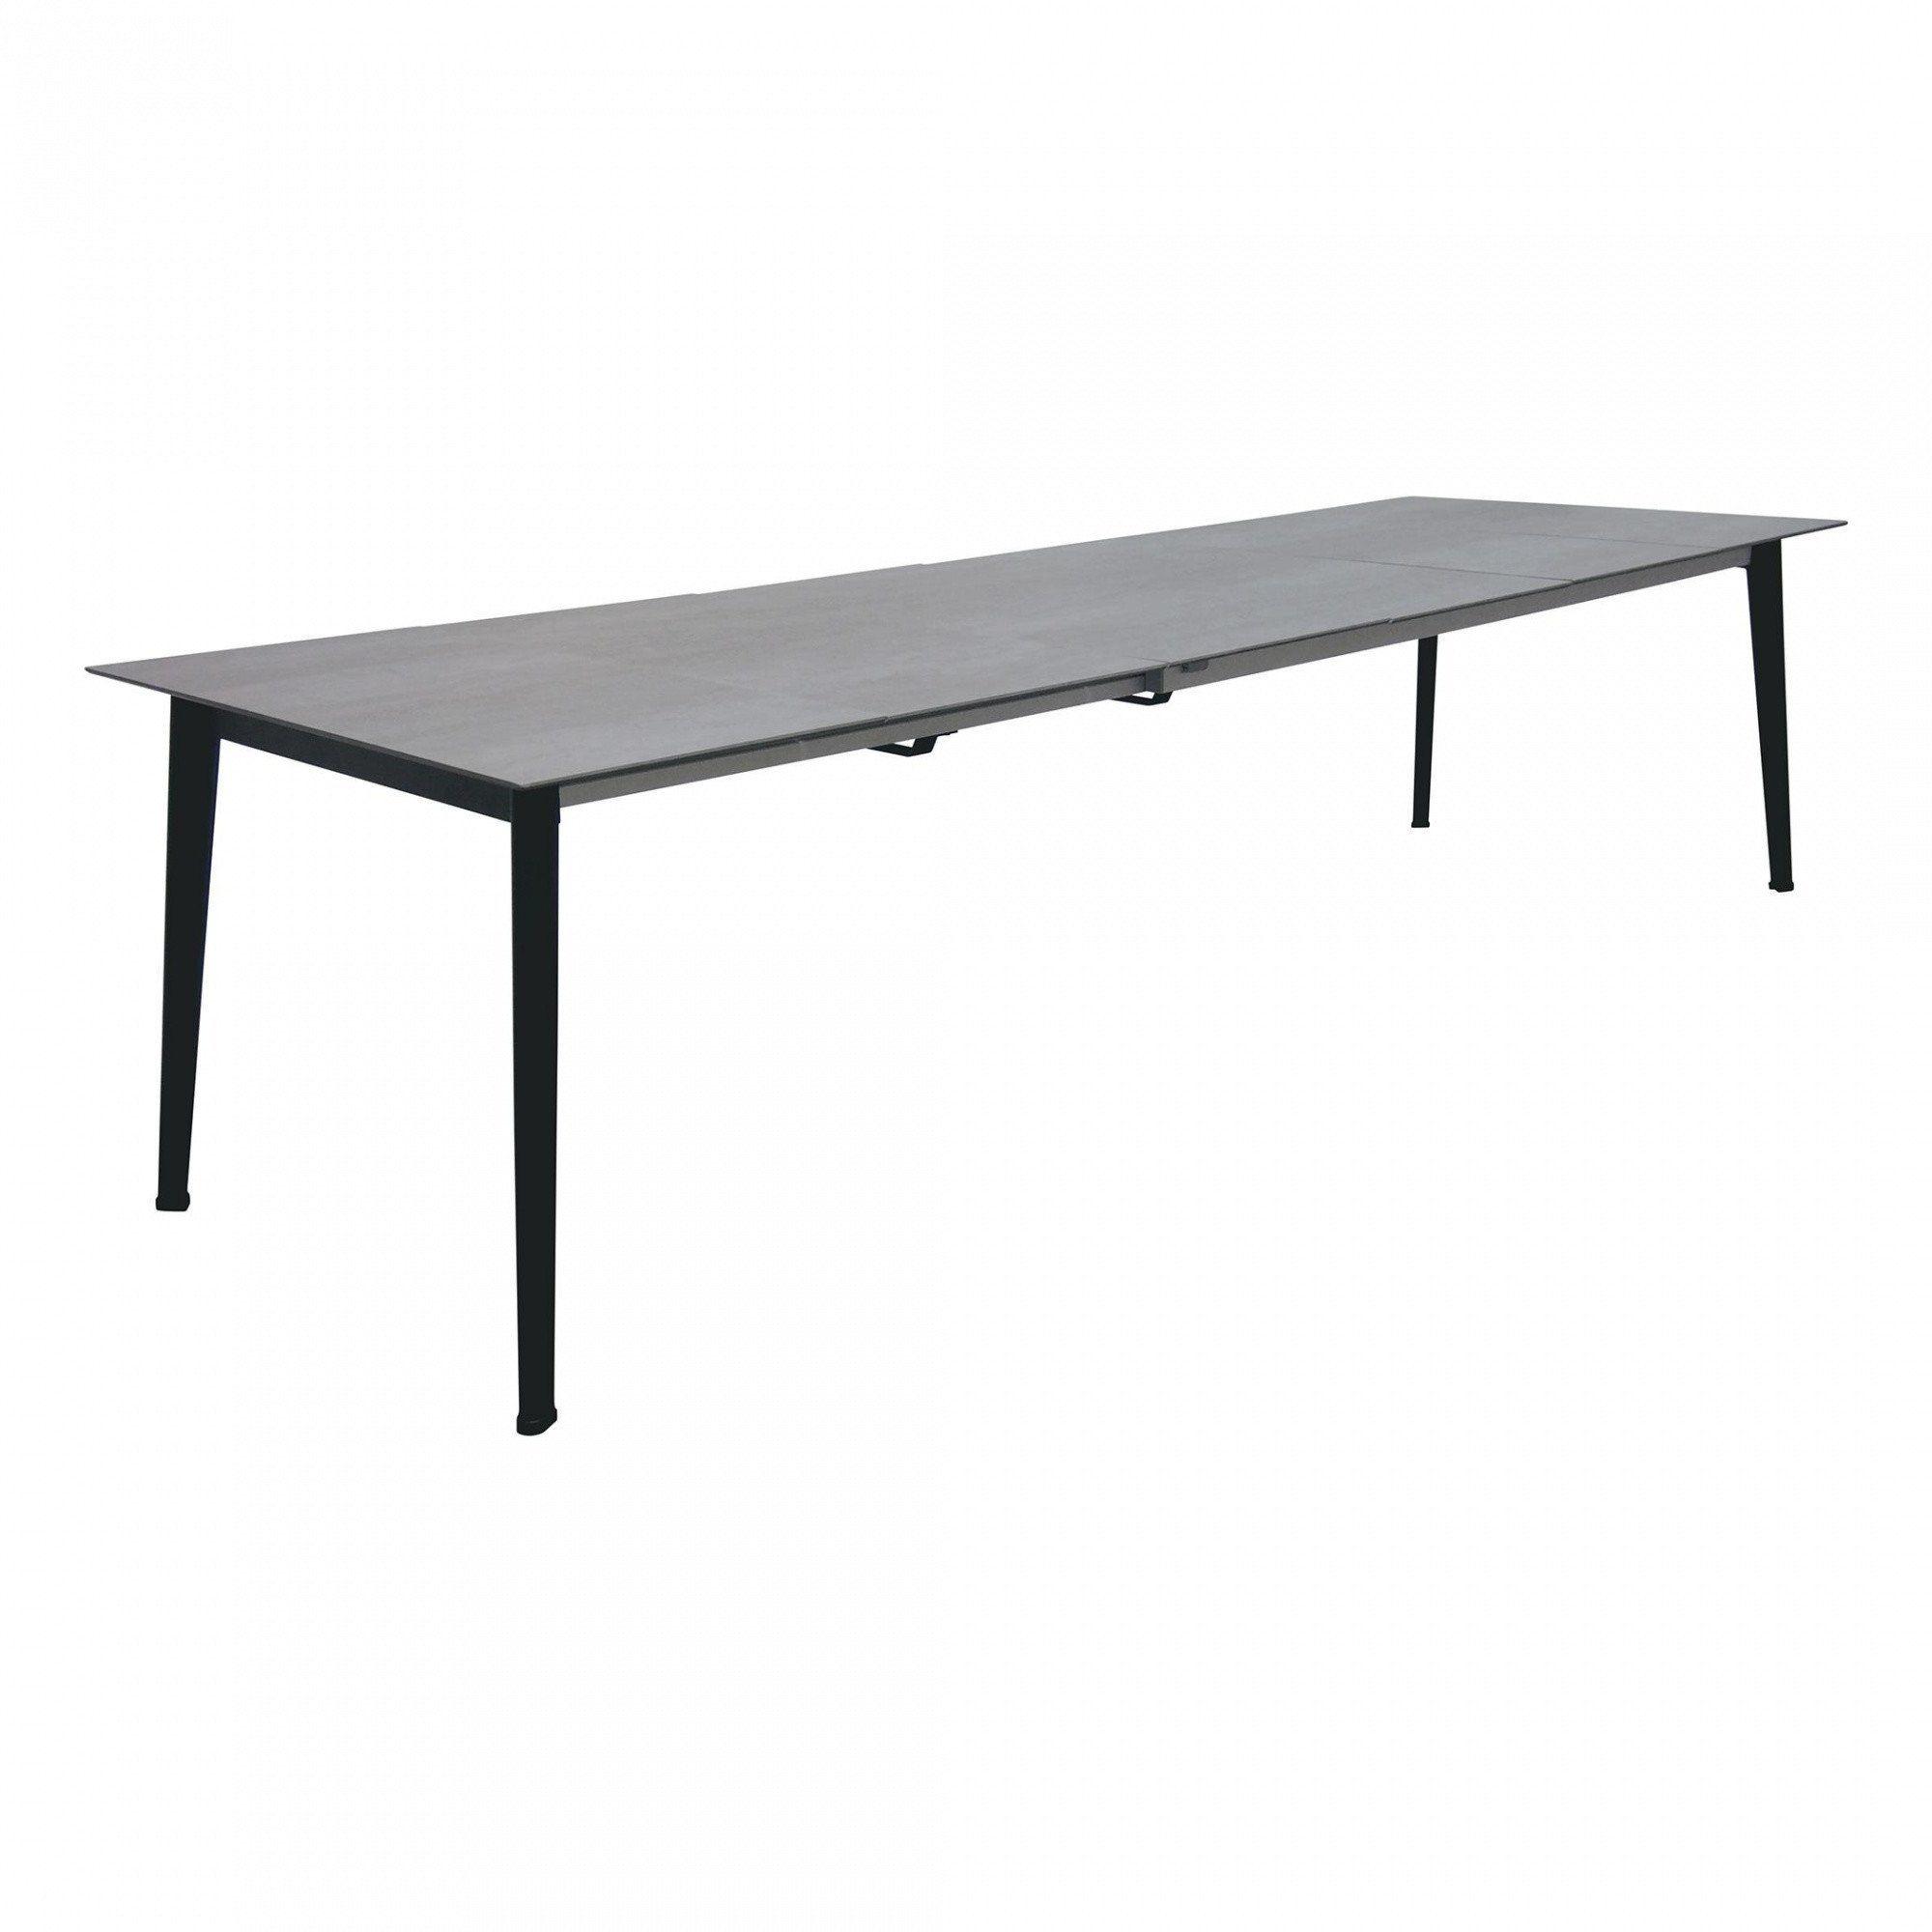 Gartentisch alu 200  emu Kira Gartentisch ausziehbar | AmbienteDirect